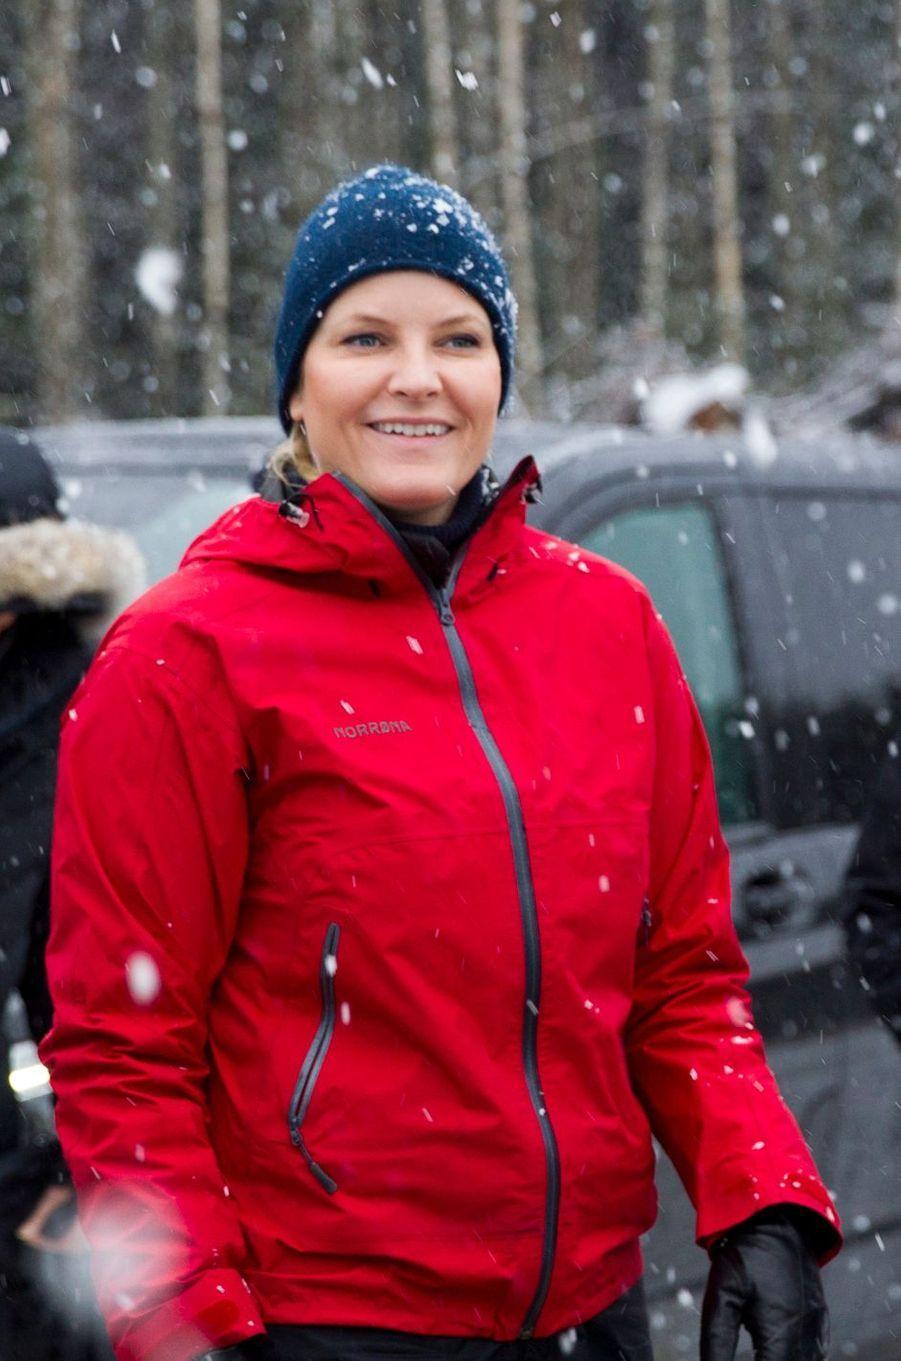 La princesse Mette-Marit de Norvège à Ski, le 11 janvier 2017